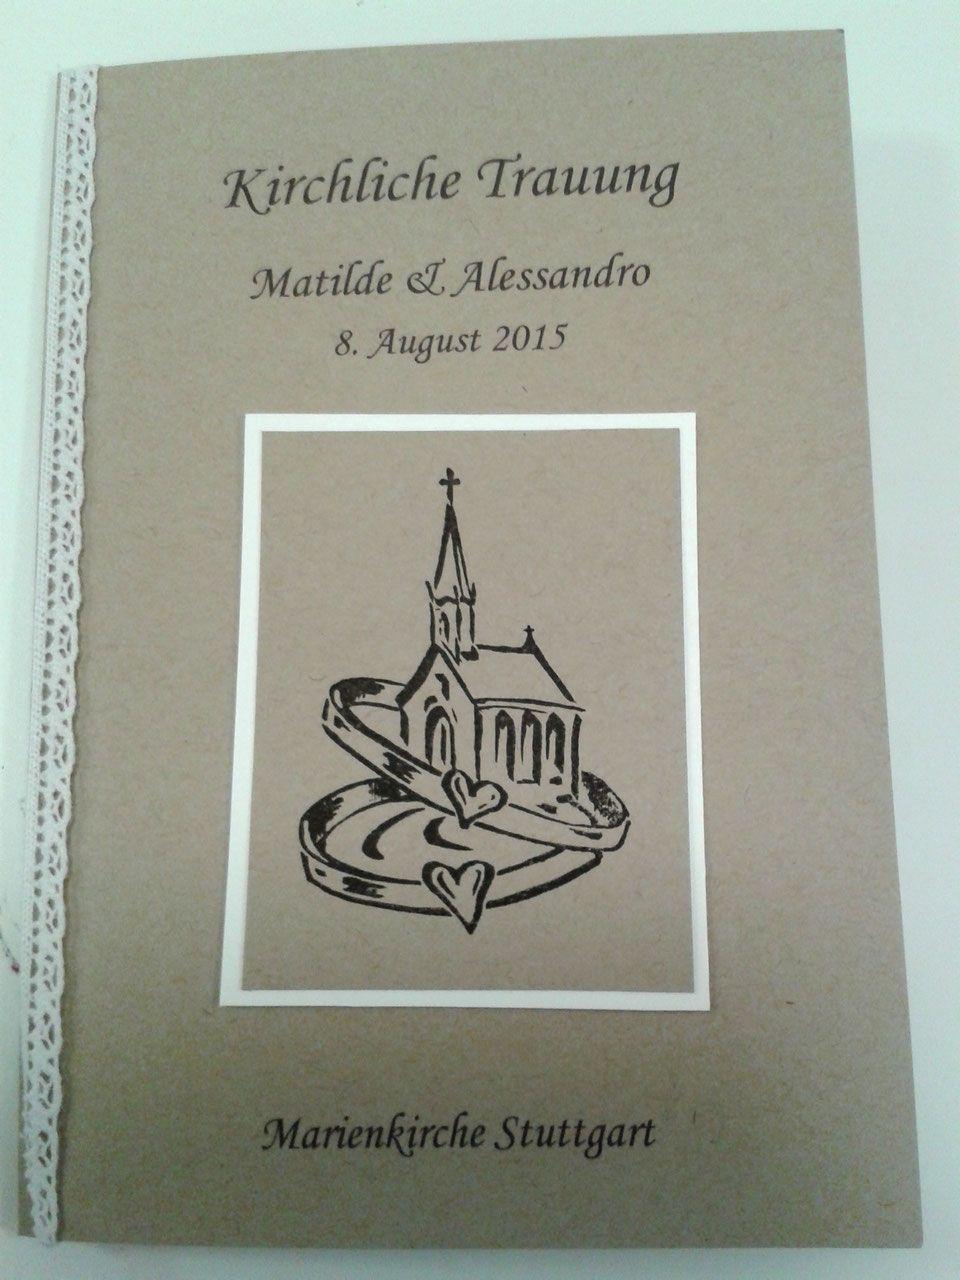 Kirchliche Trauung Kirchenheft